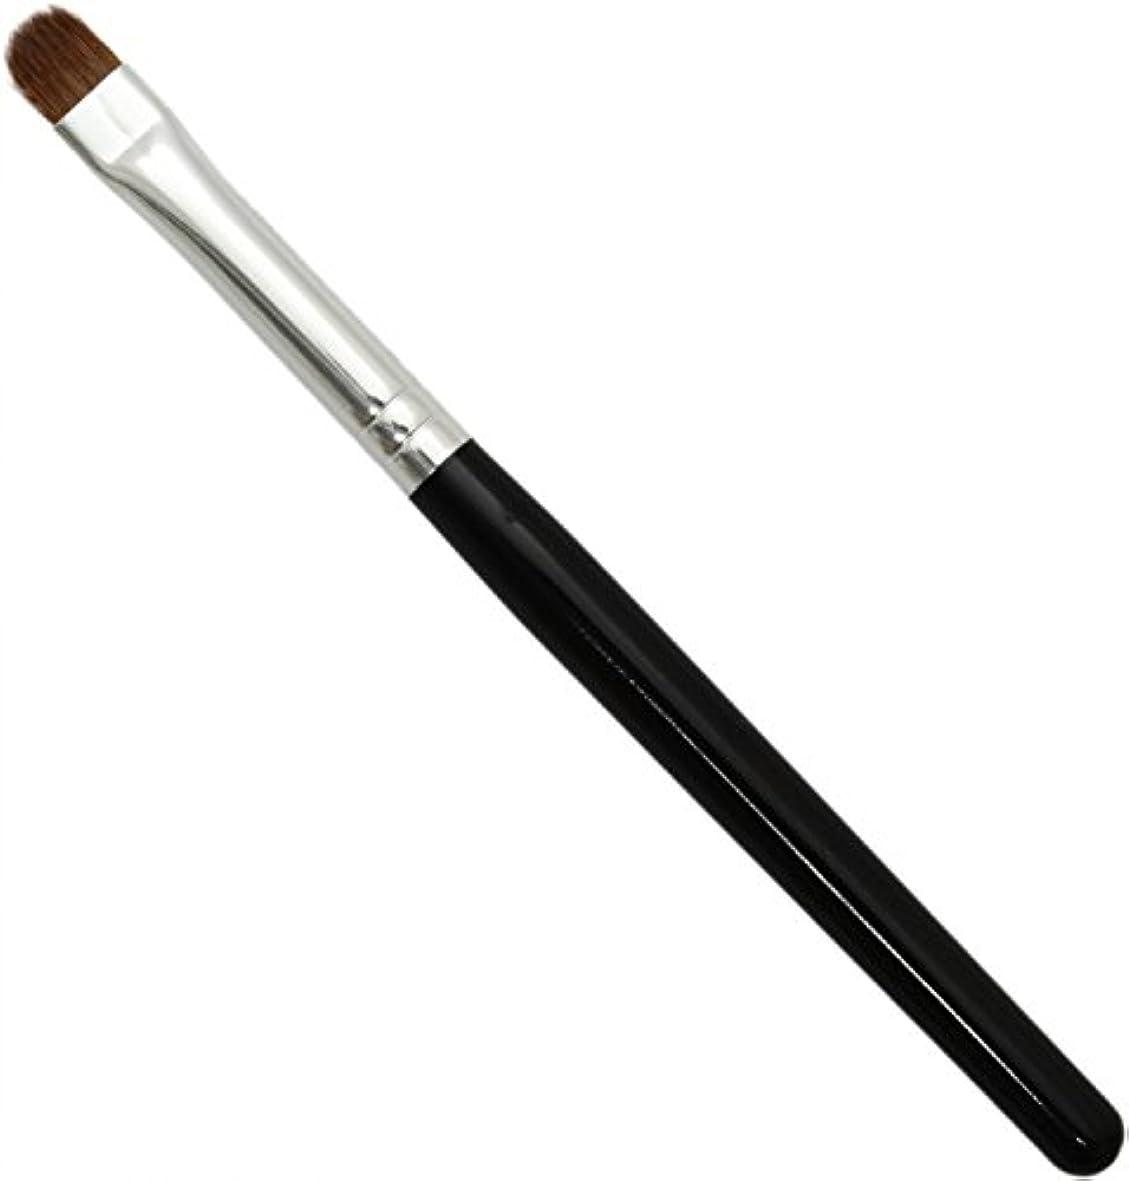 バターからかう魅了する熊野筆 メイクブラシ KUシリーズ シャドウライナーブラシ イタチ毛